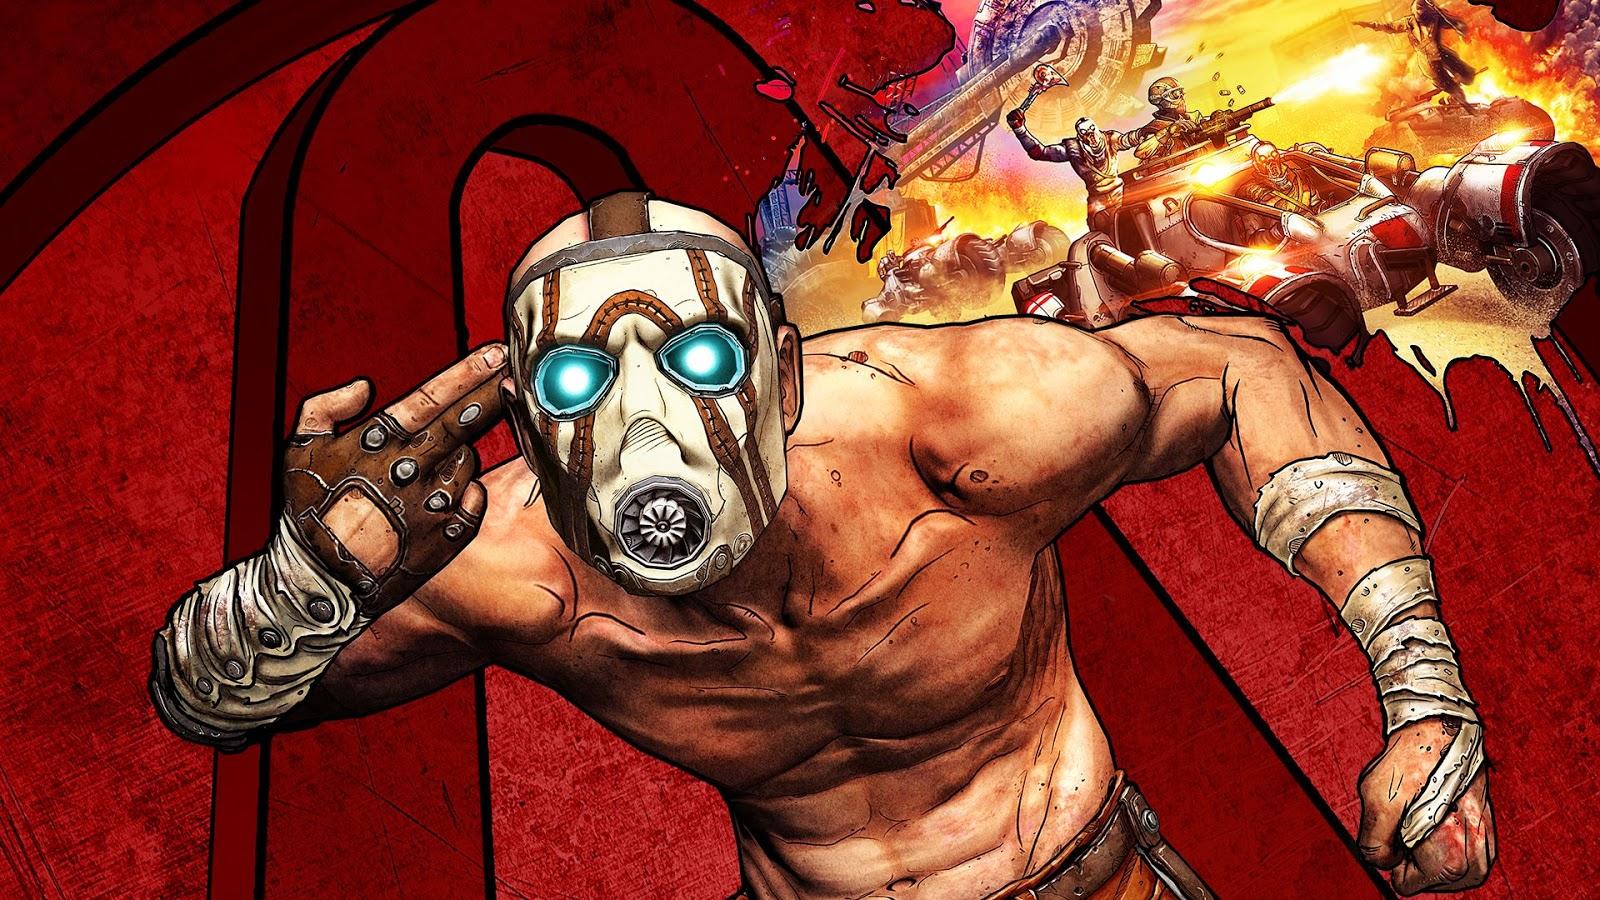 Тот, кто воскресил Duke Nukem: интервью с Рэнди Питчфордом, волшебником из Gearbox - 2